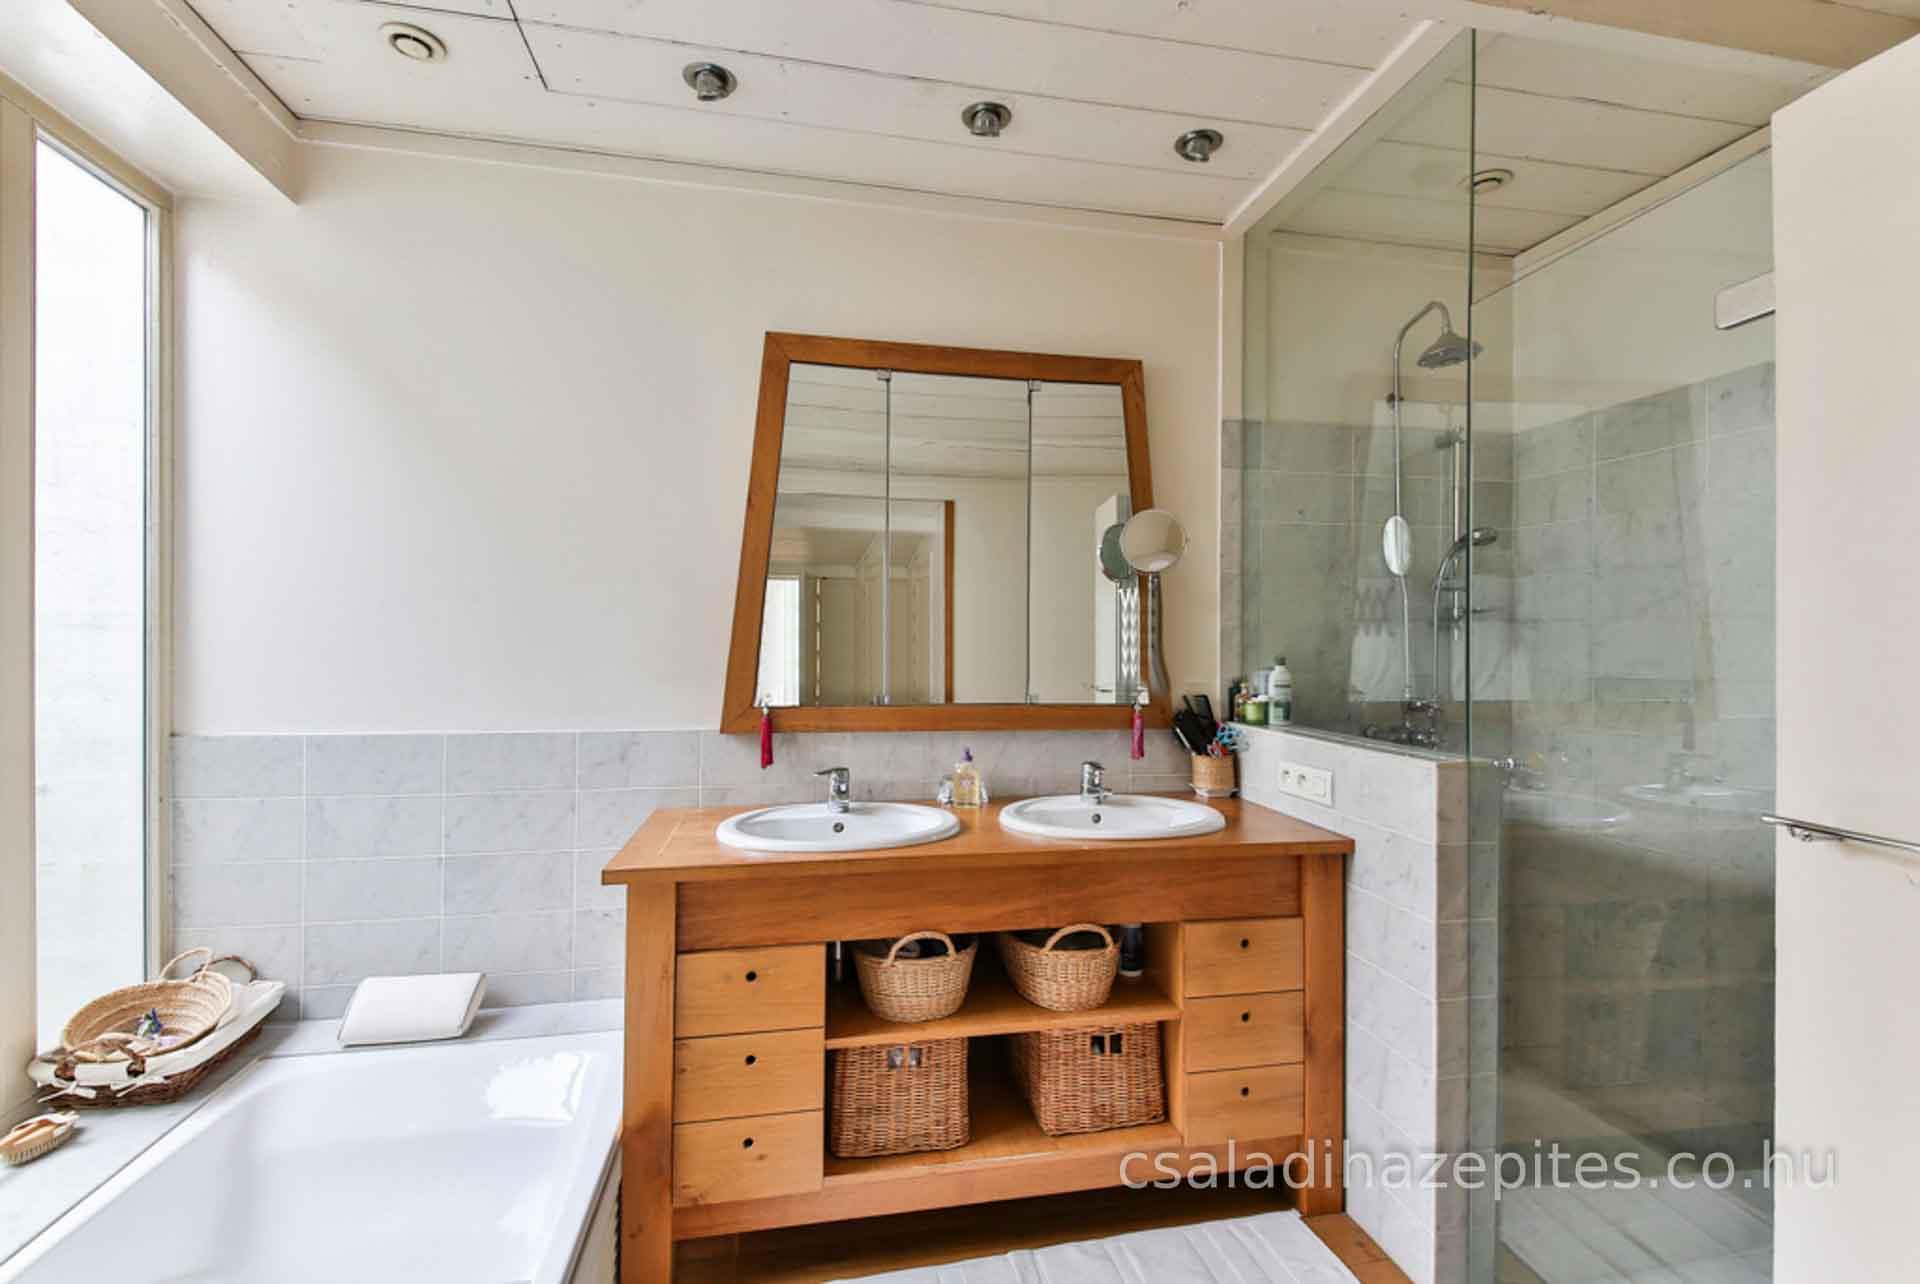 Tippek fürdőszoba felújításhoz